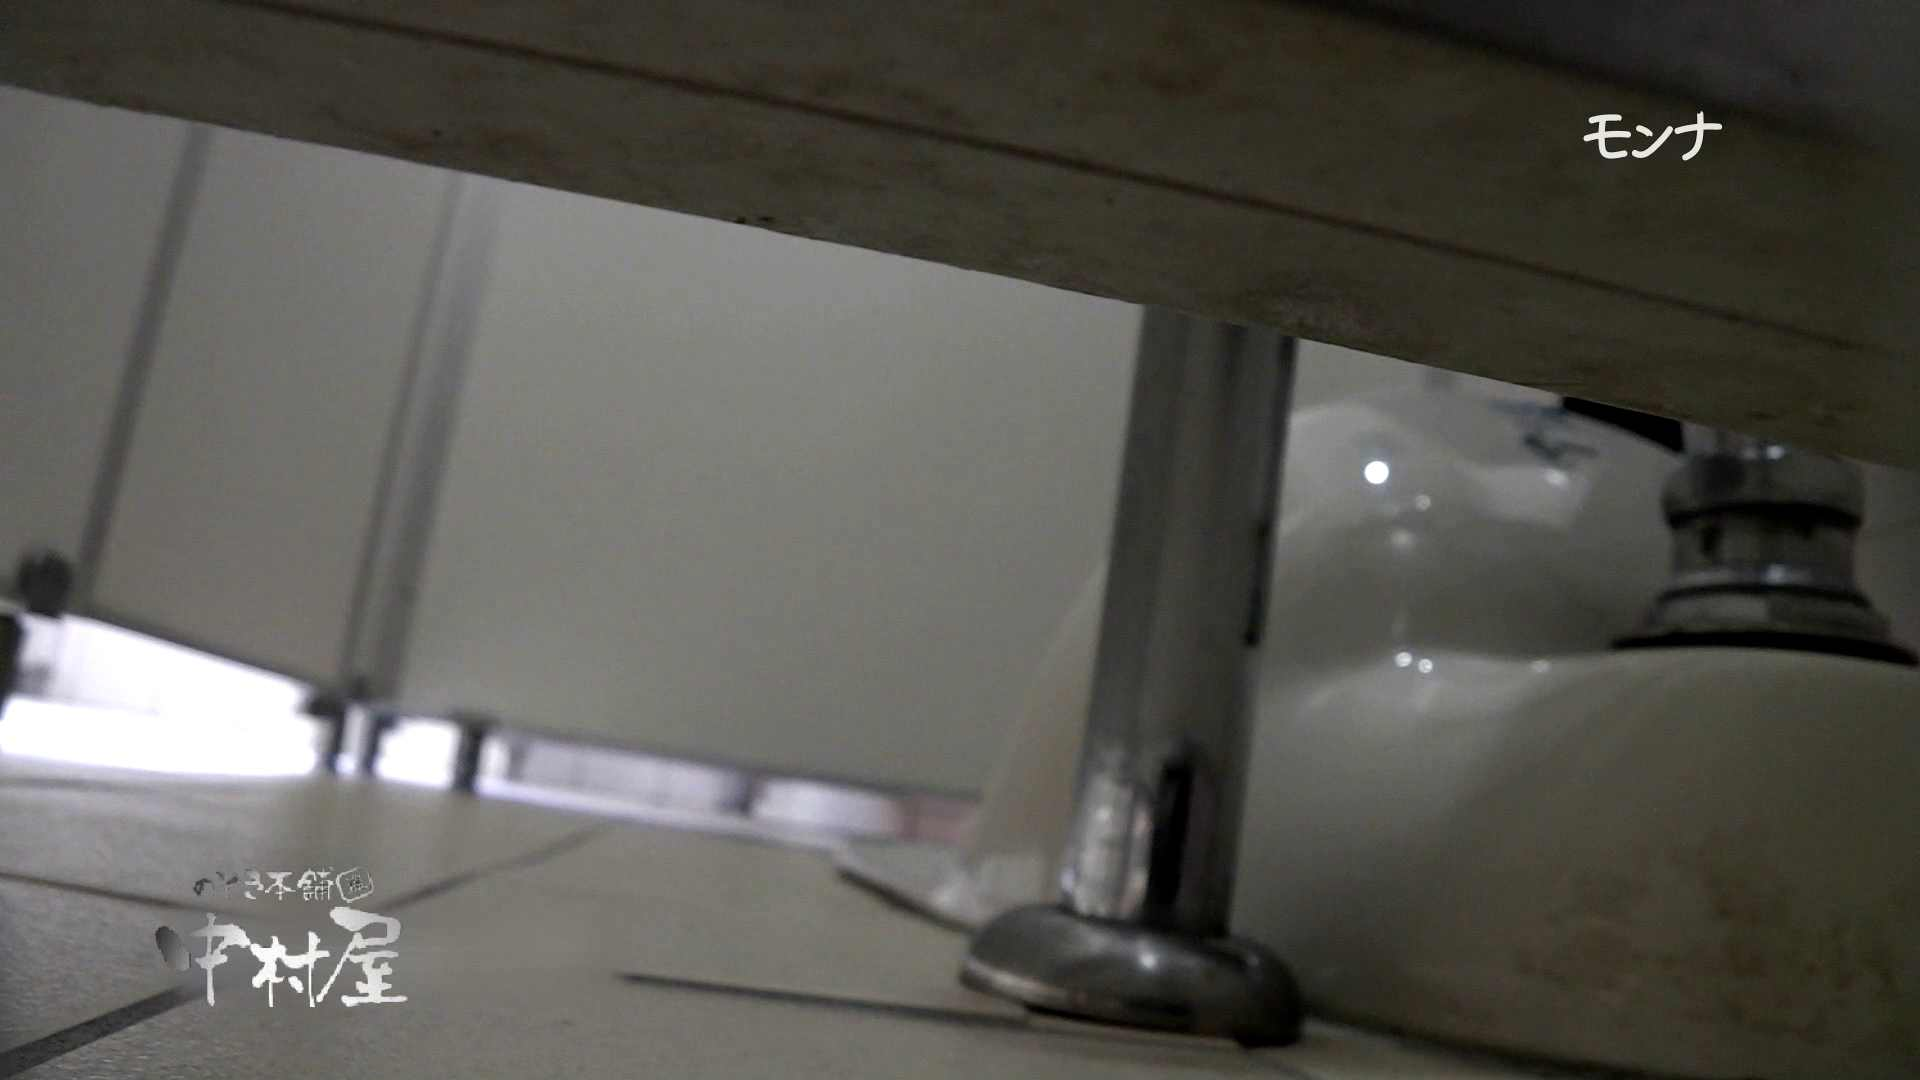 【美しい日本の未来】新学期!!下半身中心に攻めてます美女可愛い女子悪戯盗satuトイレ後編 下半身 覗きおまんこ画像 82連発 79